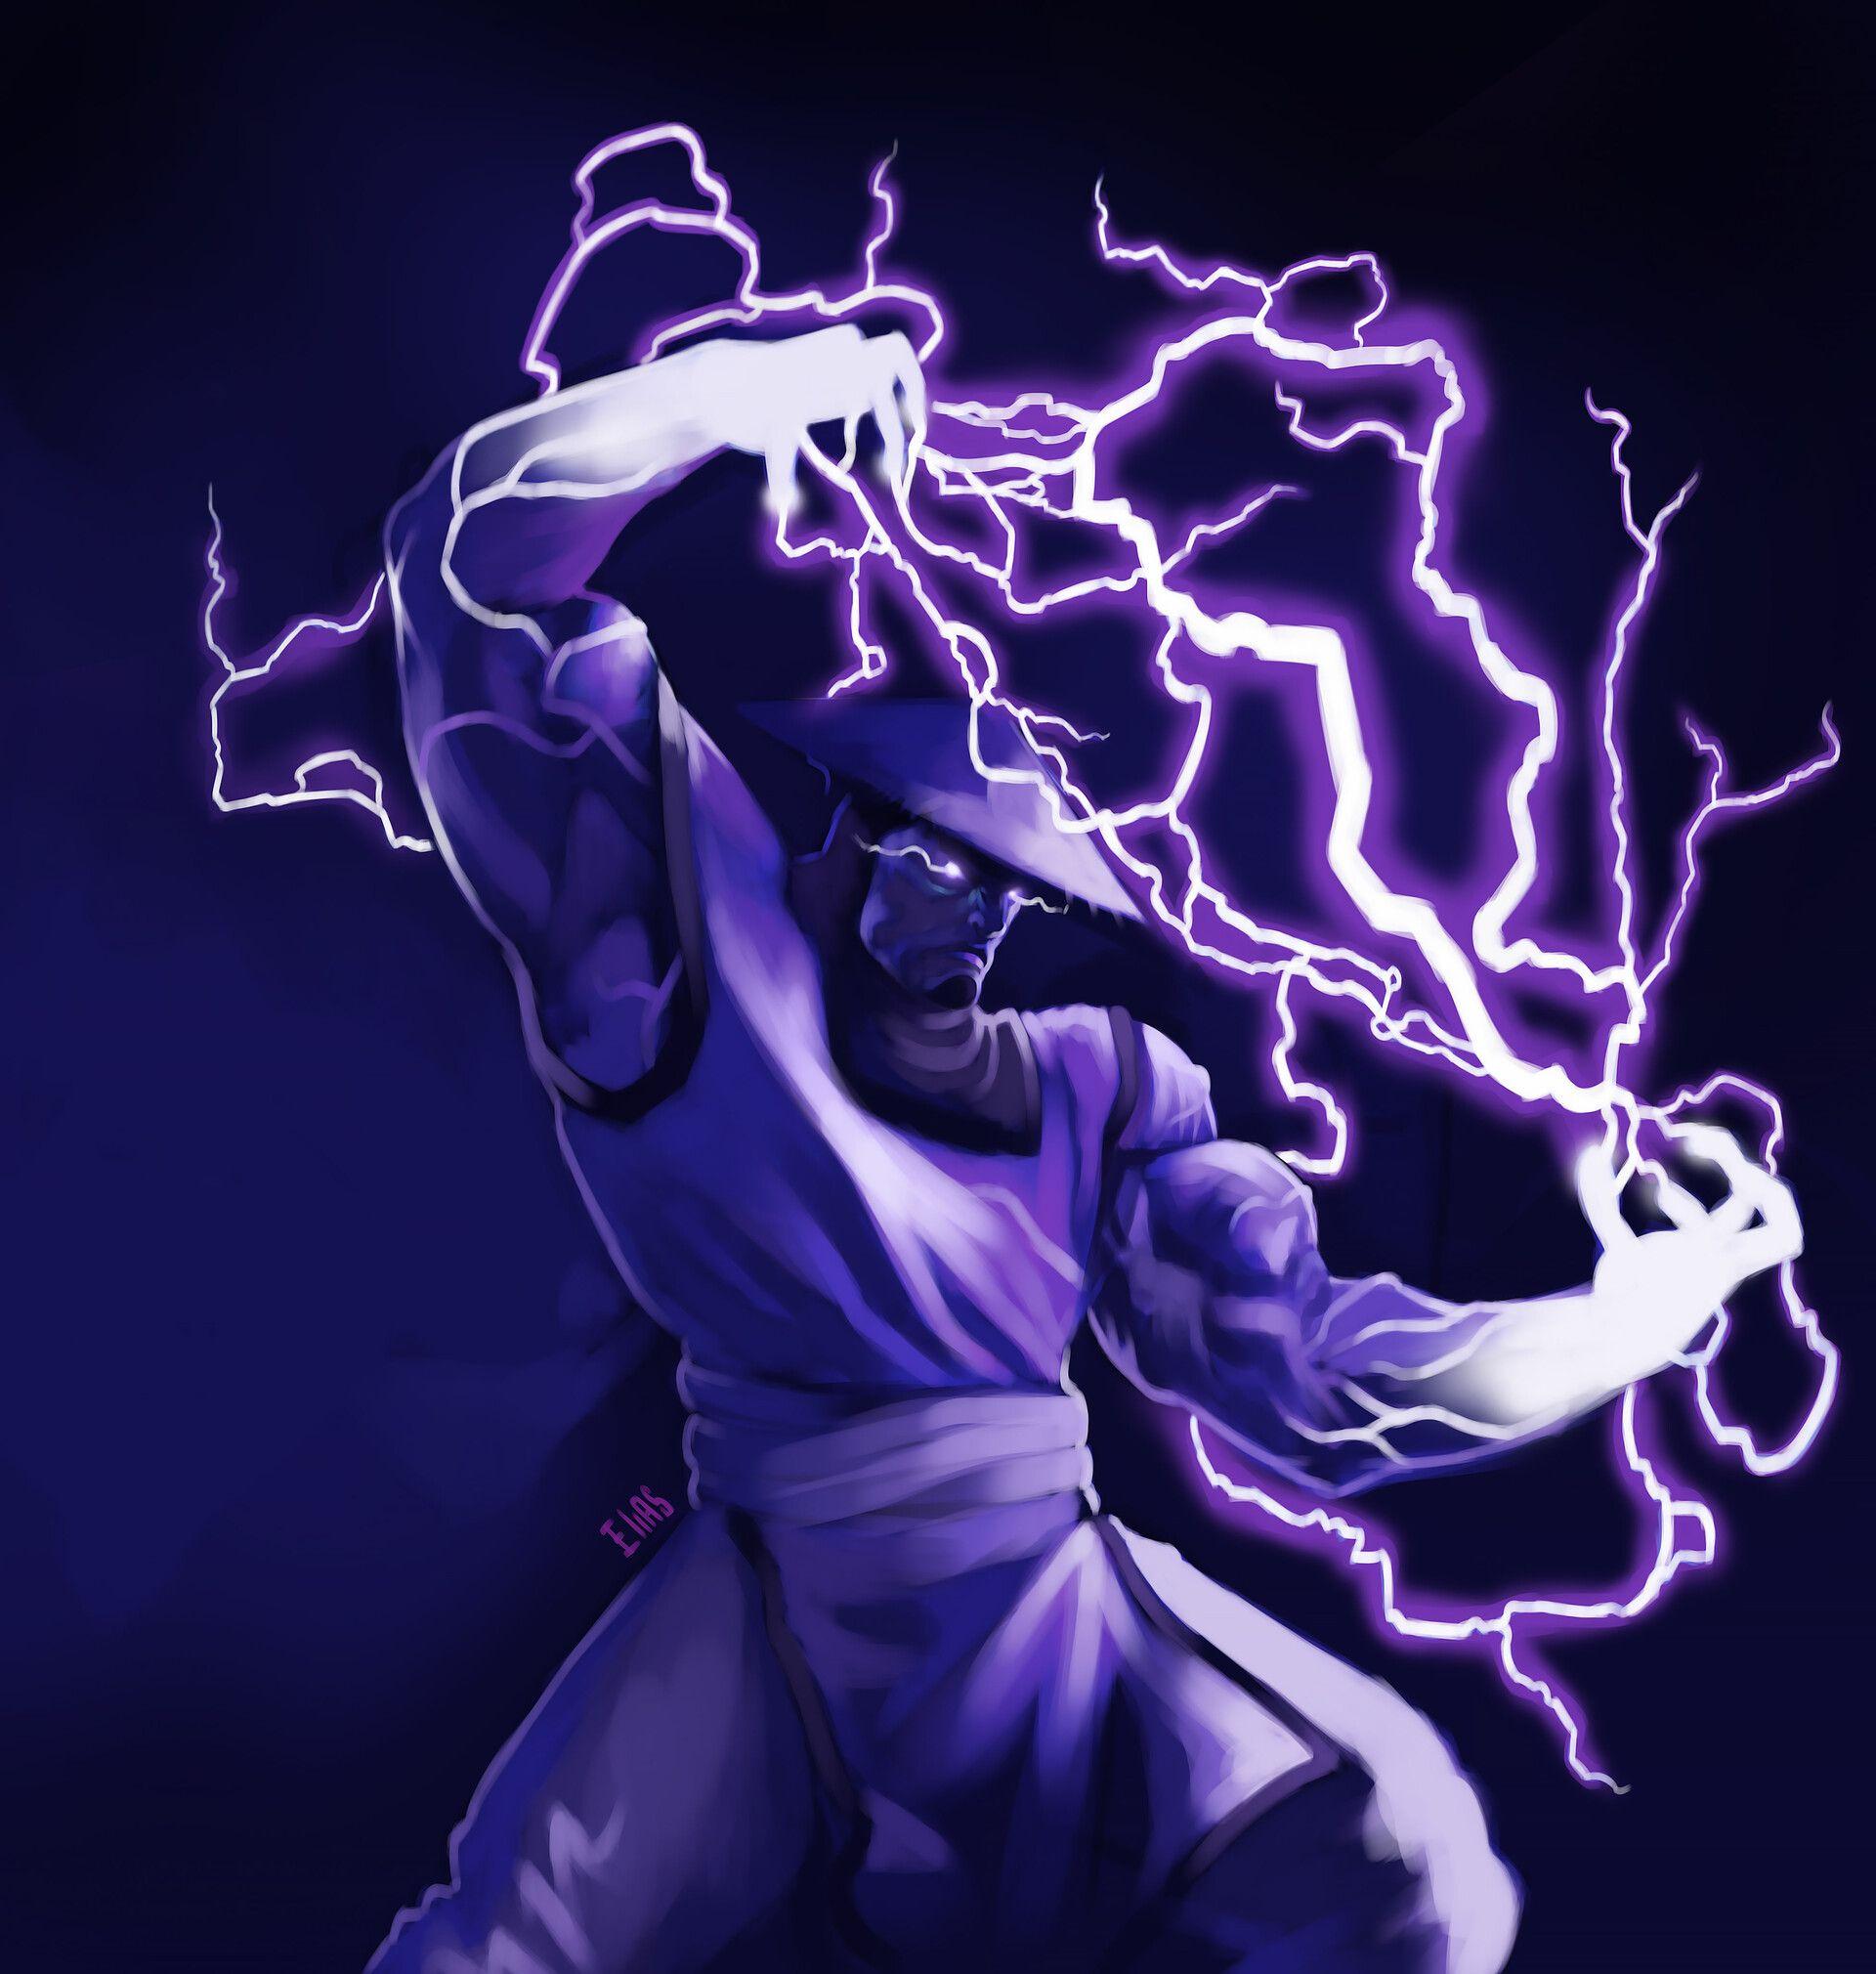 Artstation Raiden Mortal Kombat Elias Gomes Raiden Mortal Kombat Mortal Kombat Art Mortal Kombat